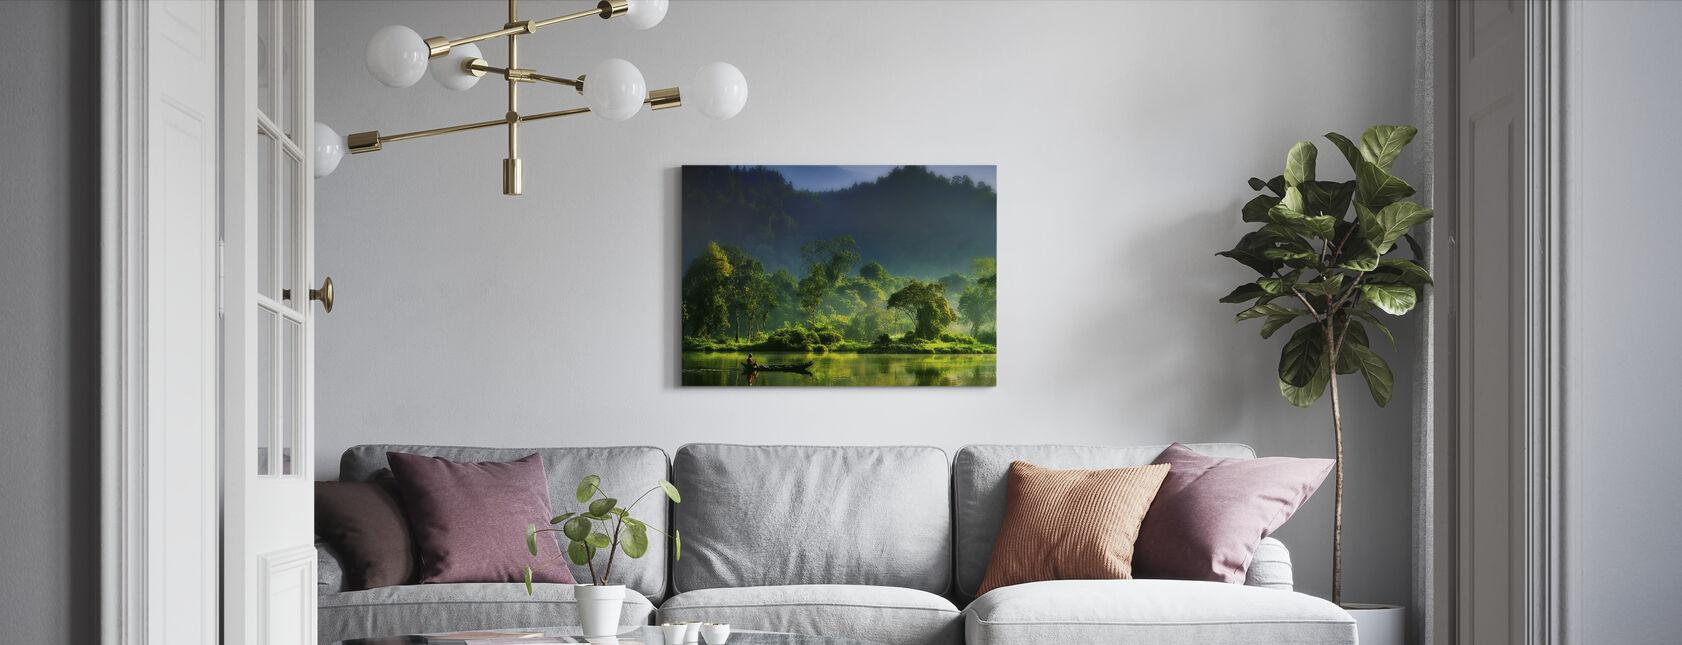 Malerei der Natur - Leinwandbild - Wohnzimmer